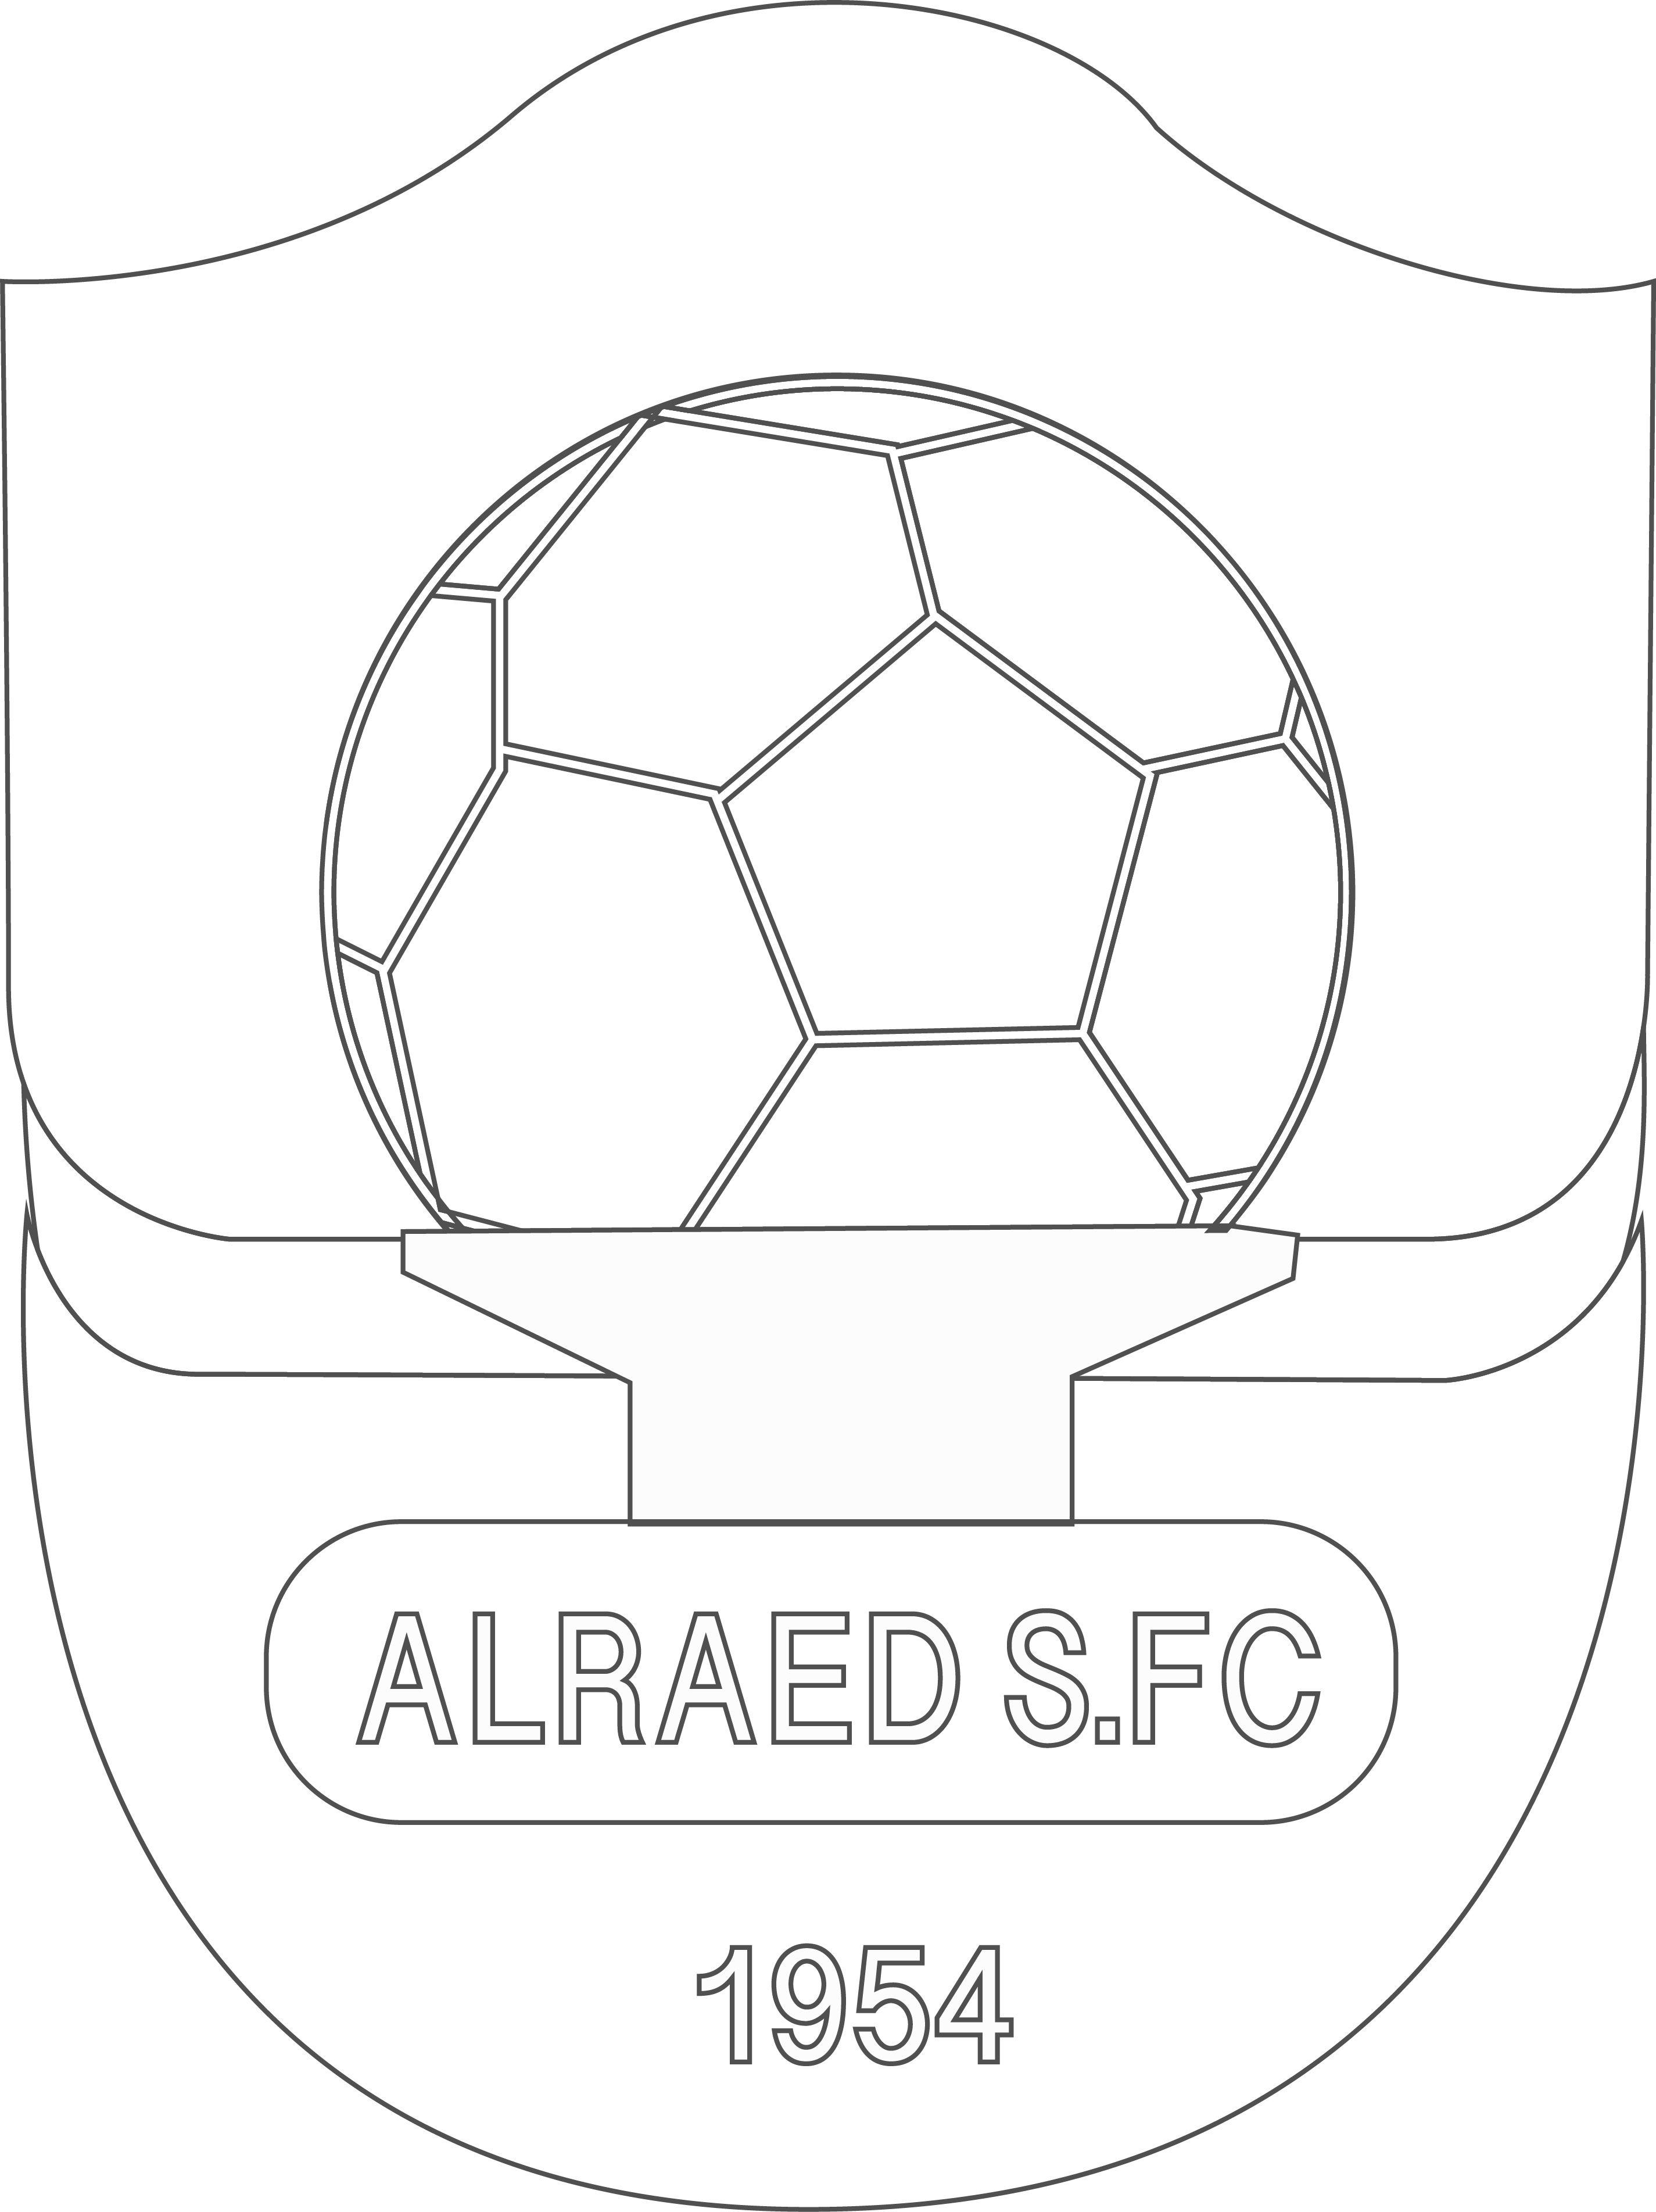 شعار نادي الرائد السعودي نادي الاتحاد اتي جدةـكدا الدوريـالسعودي جدة Ittihad كأس اسيا السعودية كأس الملك الاهل Ac Milan Kit 10 Things Peace Symbol